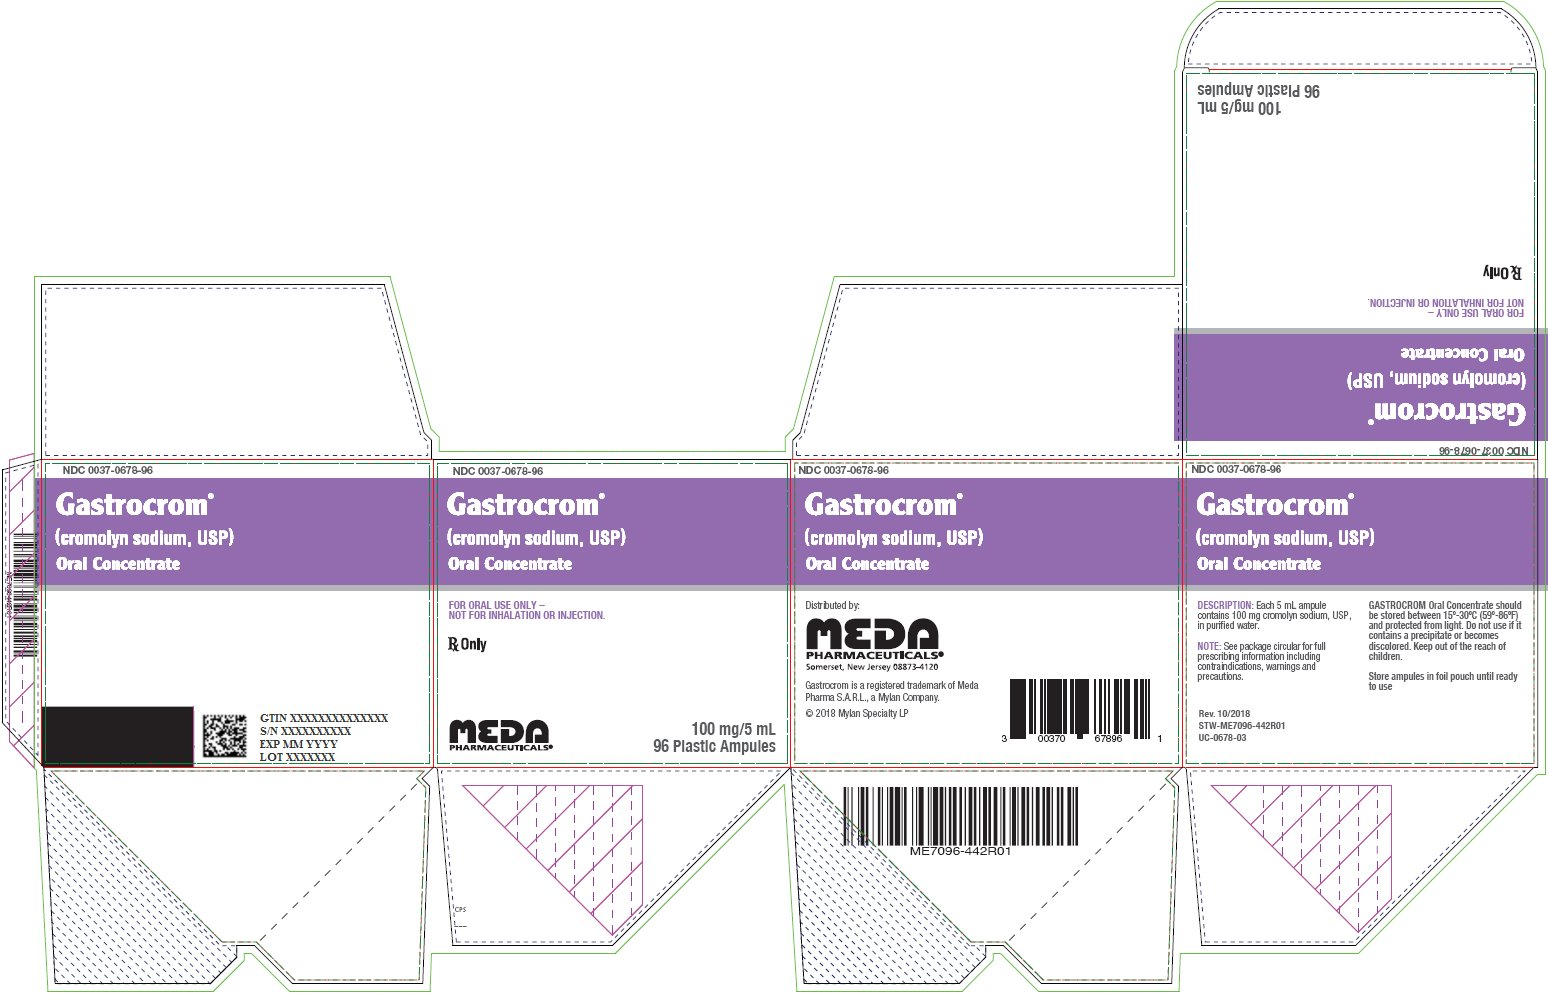 Gastrocrom Oral Concentrate Carton Label